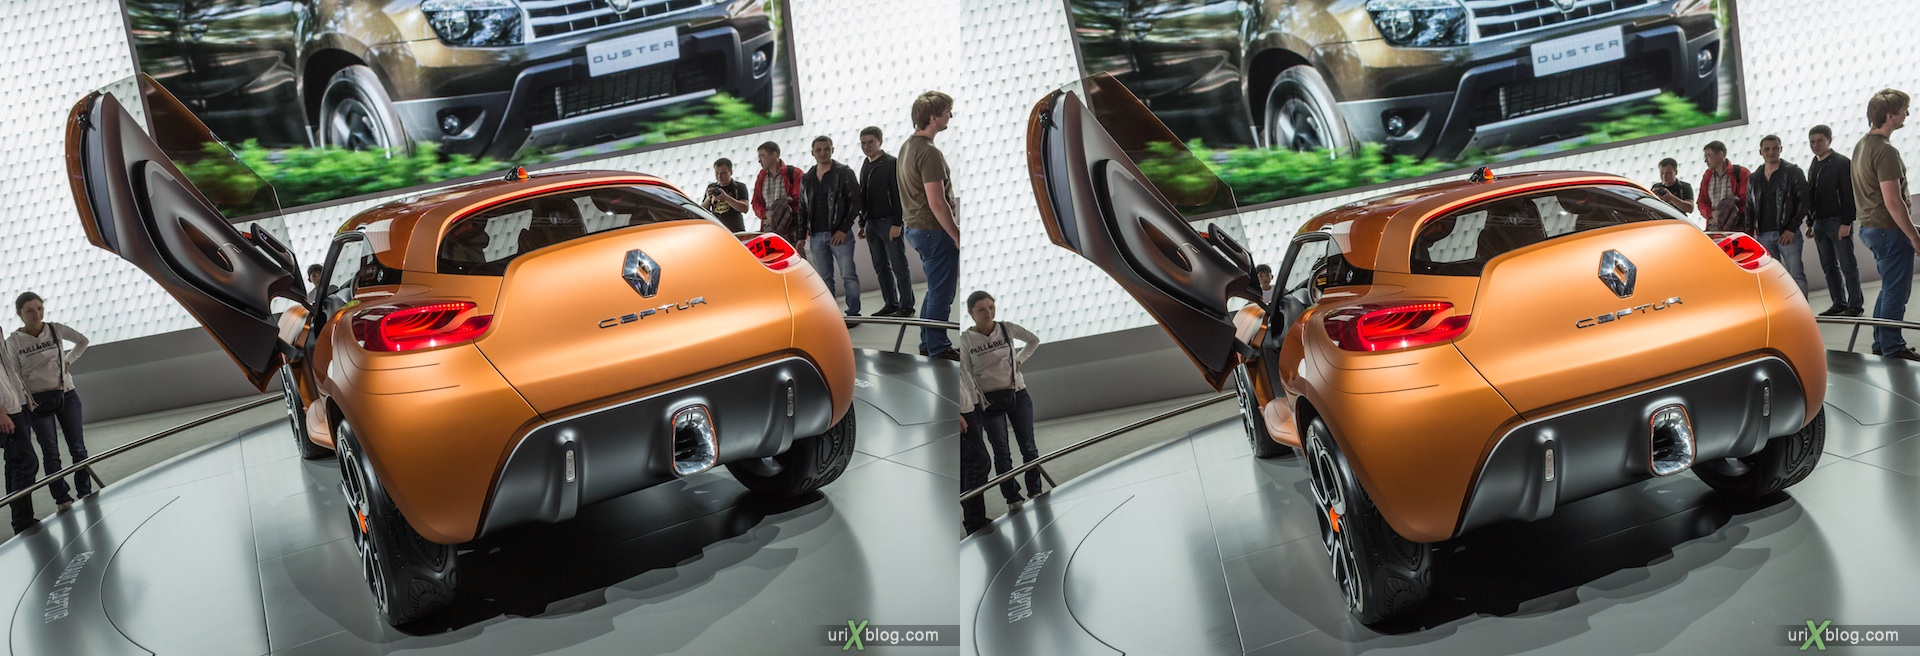 2012, Renault Captur, Московский международный автомобильный салон, ММАС, Крокус Экспо, 3D, стереопара